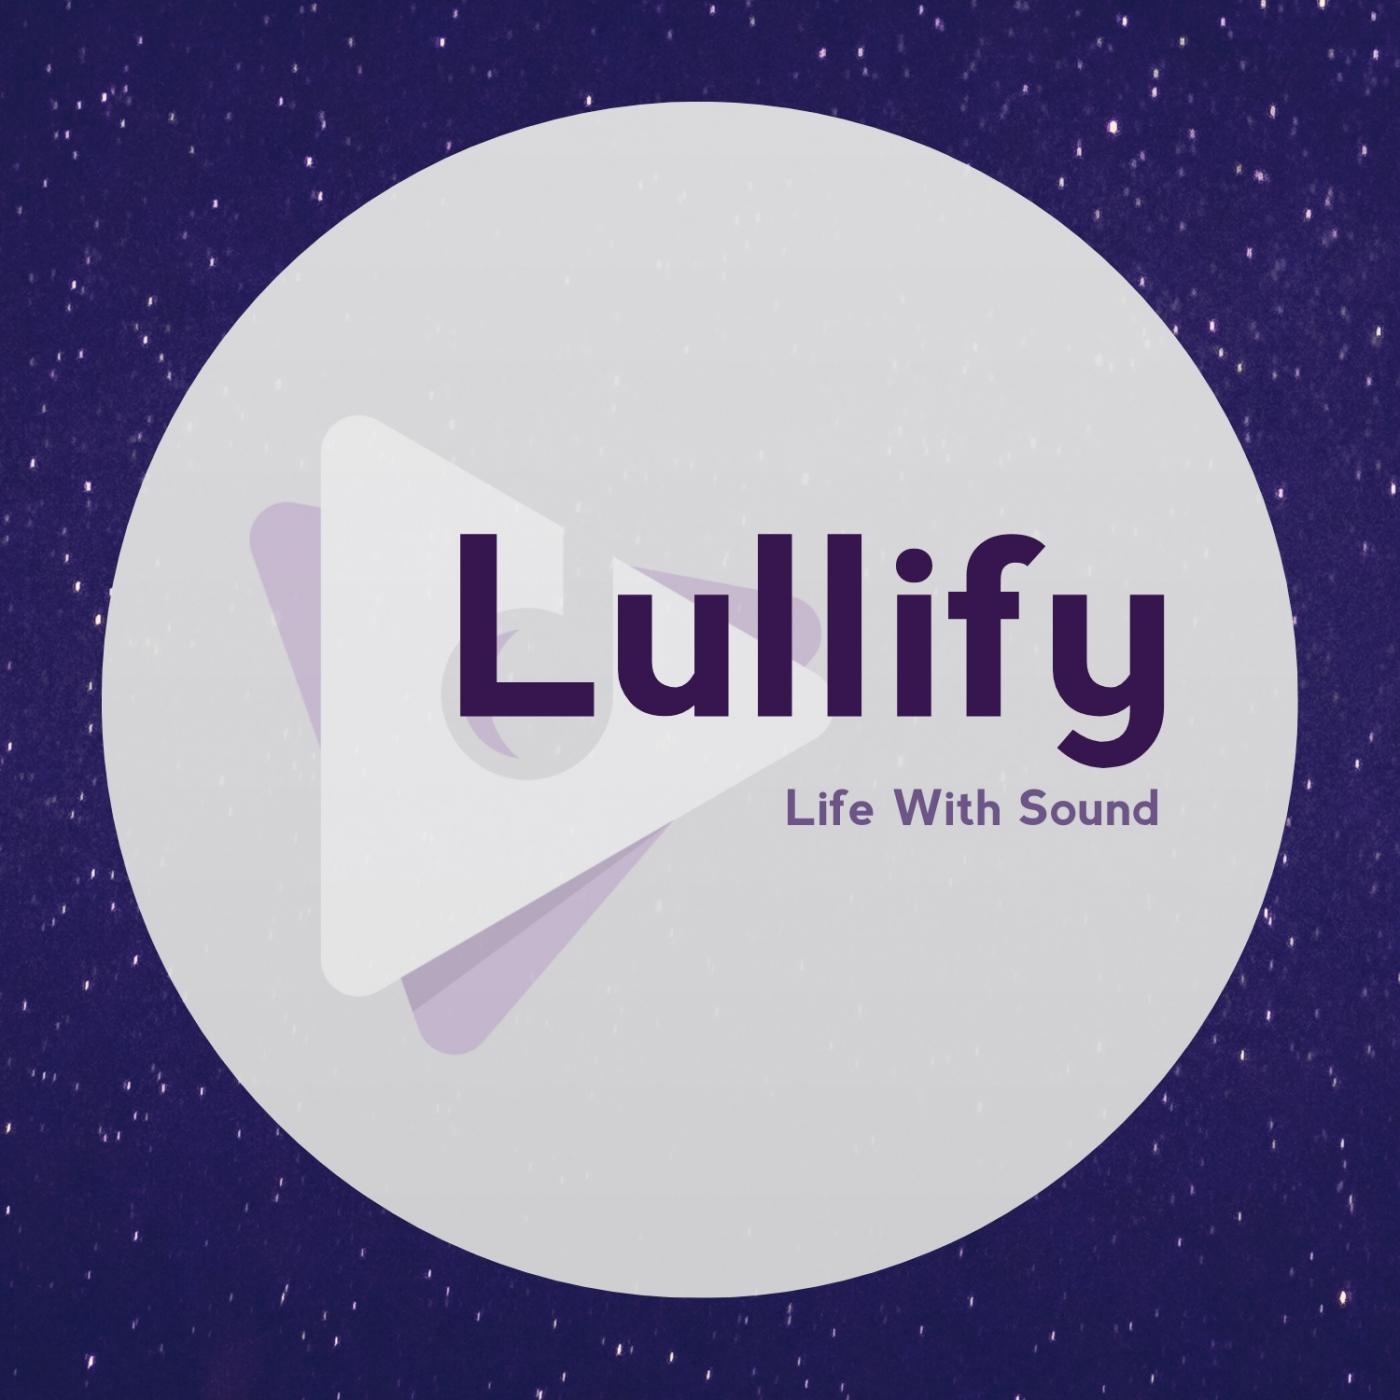 Lullify